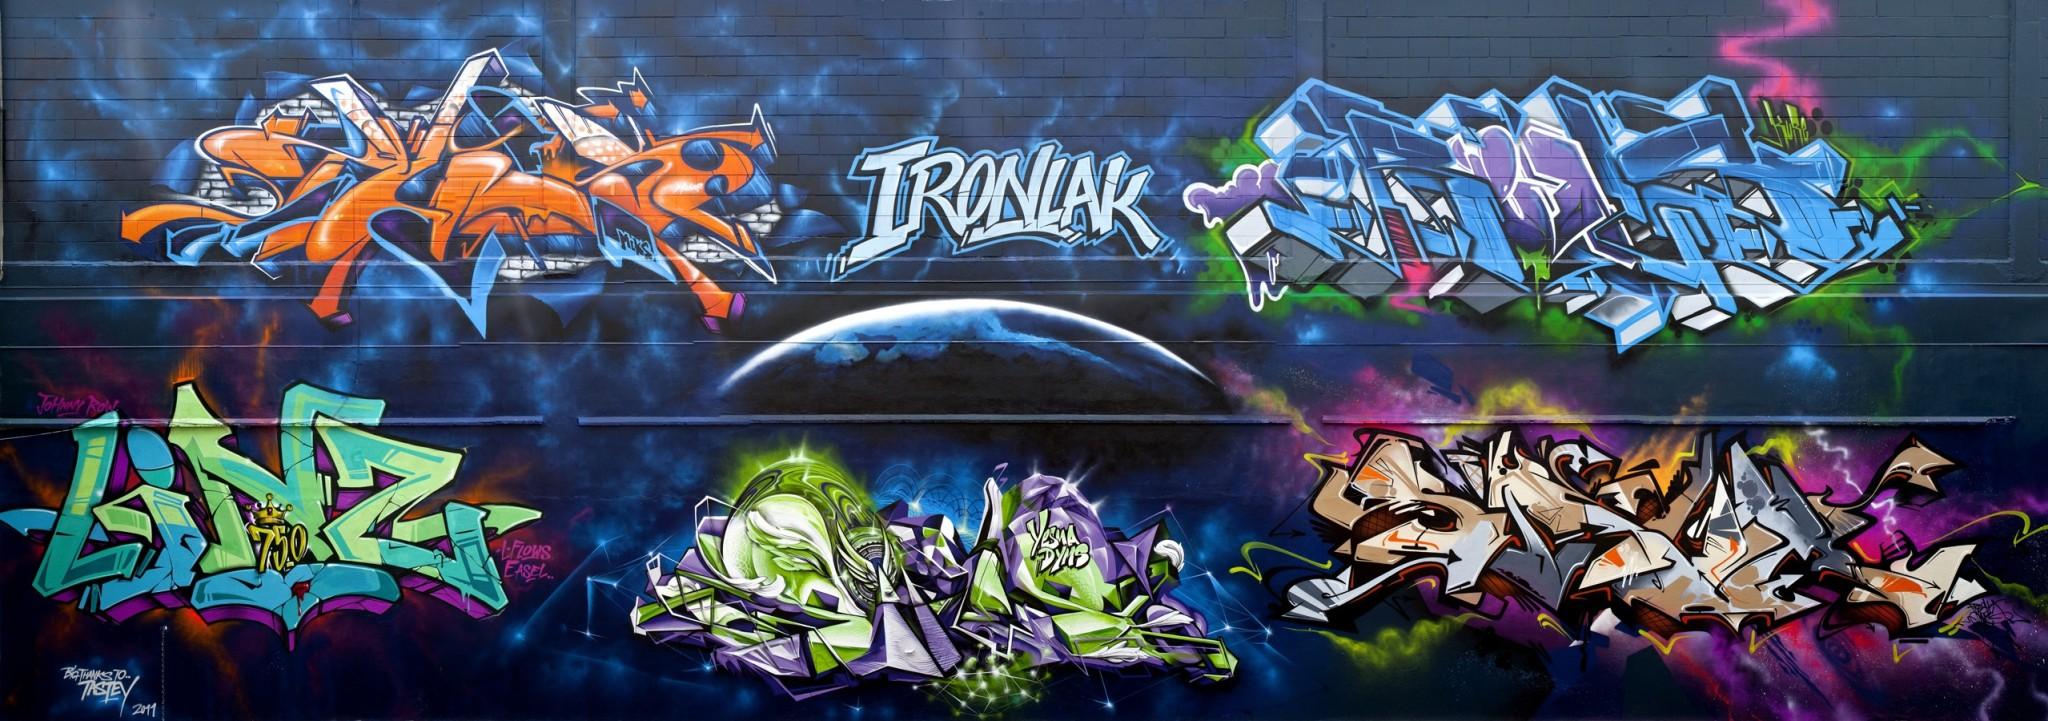 Graffiti wall cairns - More Info